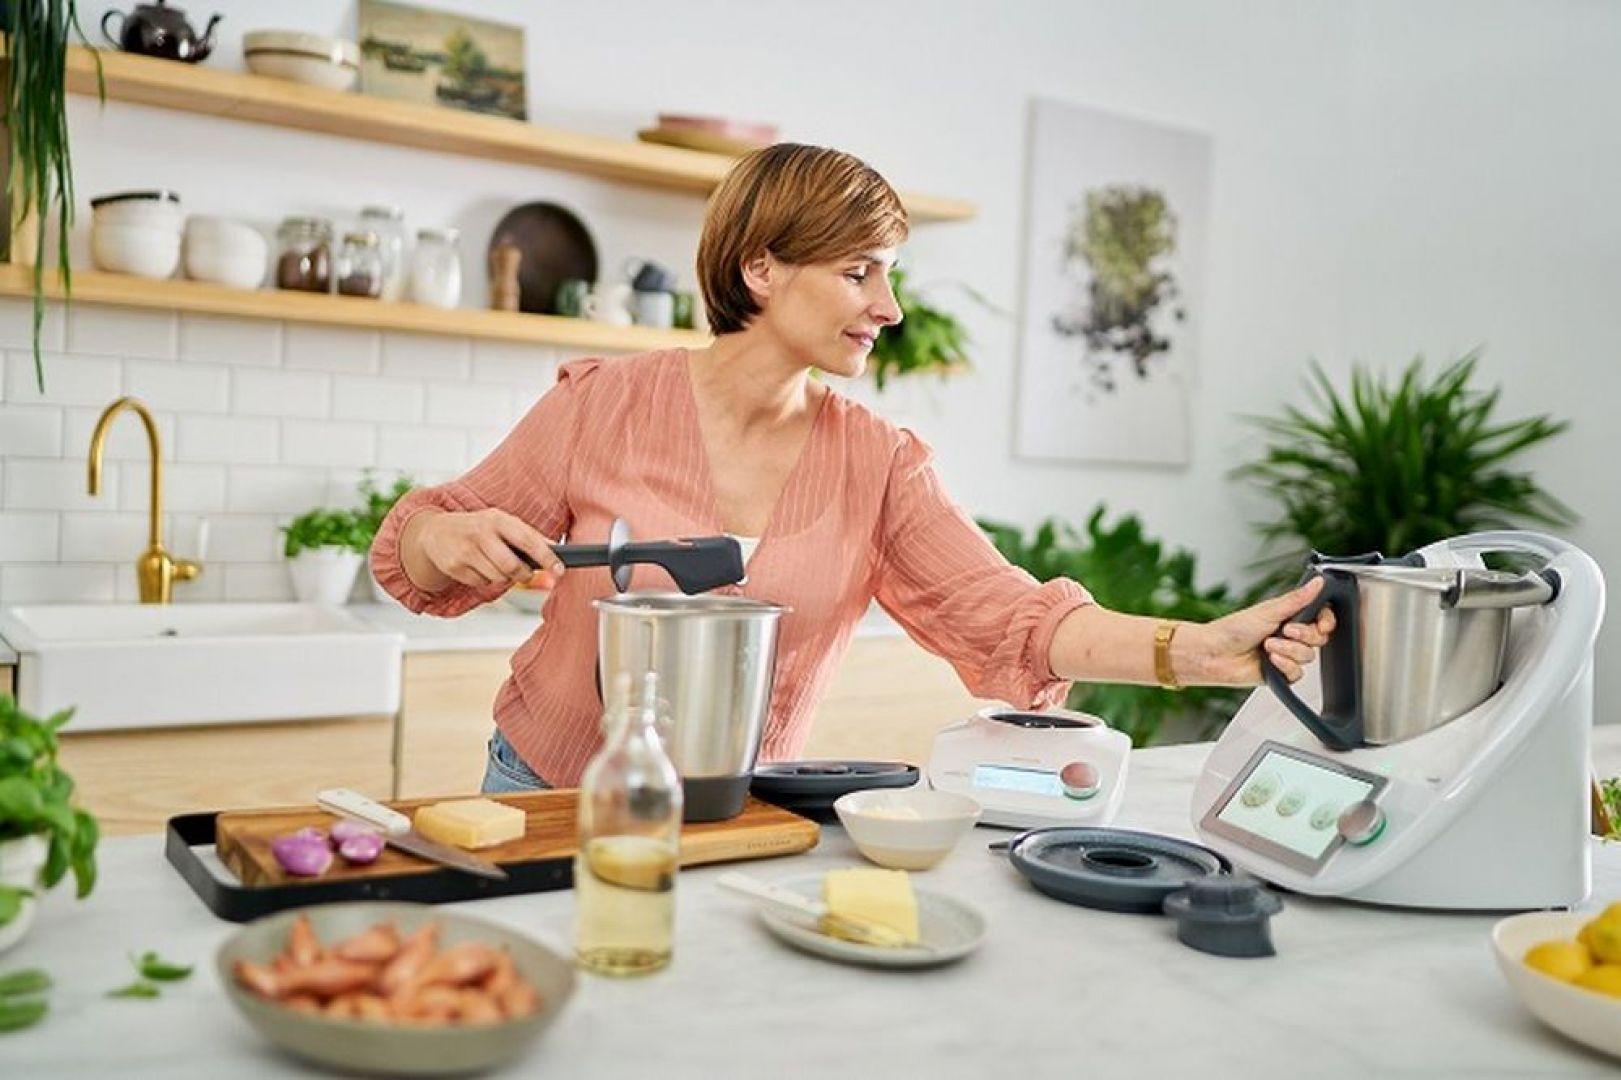 Urządzenie nie tylko skraca łączny czas gotowania, ale również pozwala rozwinąć umiejętności kulinarne i urozmaicić potrawy. Fot. Thermomix